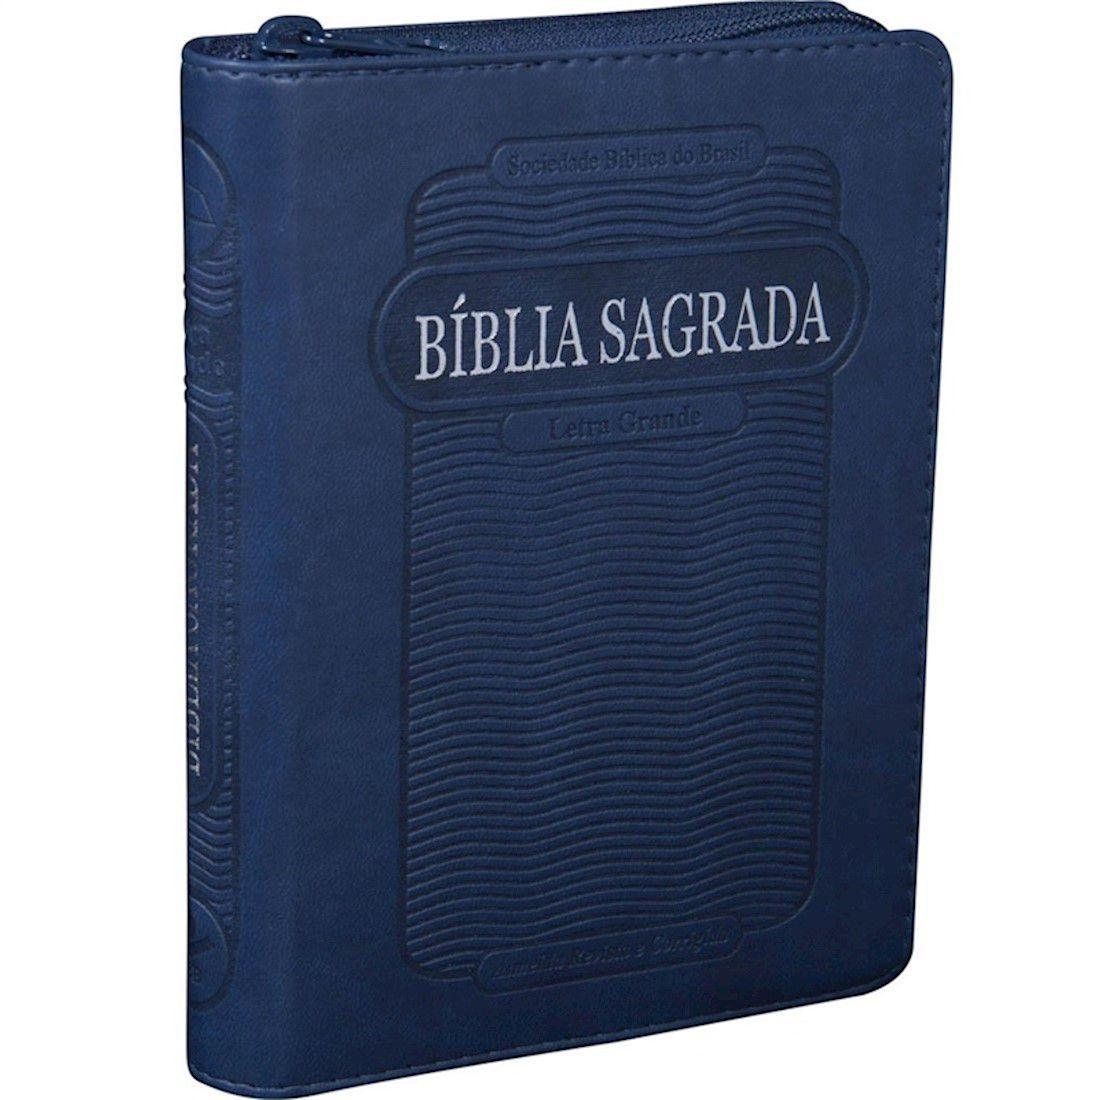 Bíblia Sagrada com Zíper RC - Letra Grande